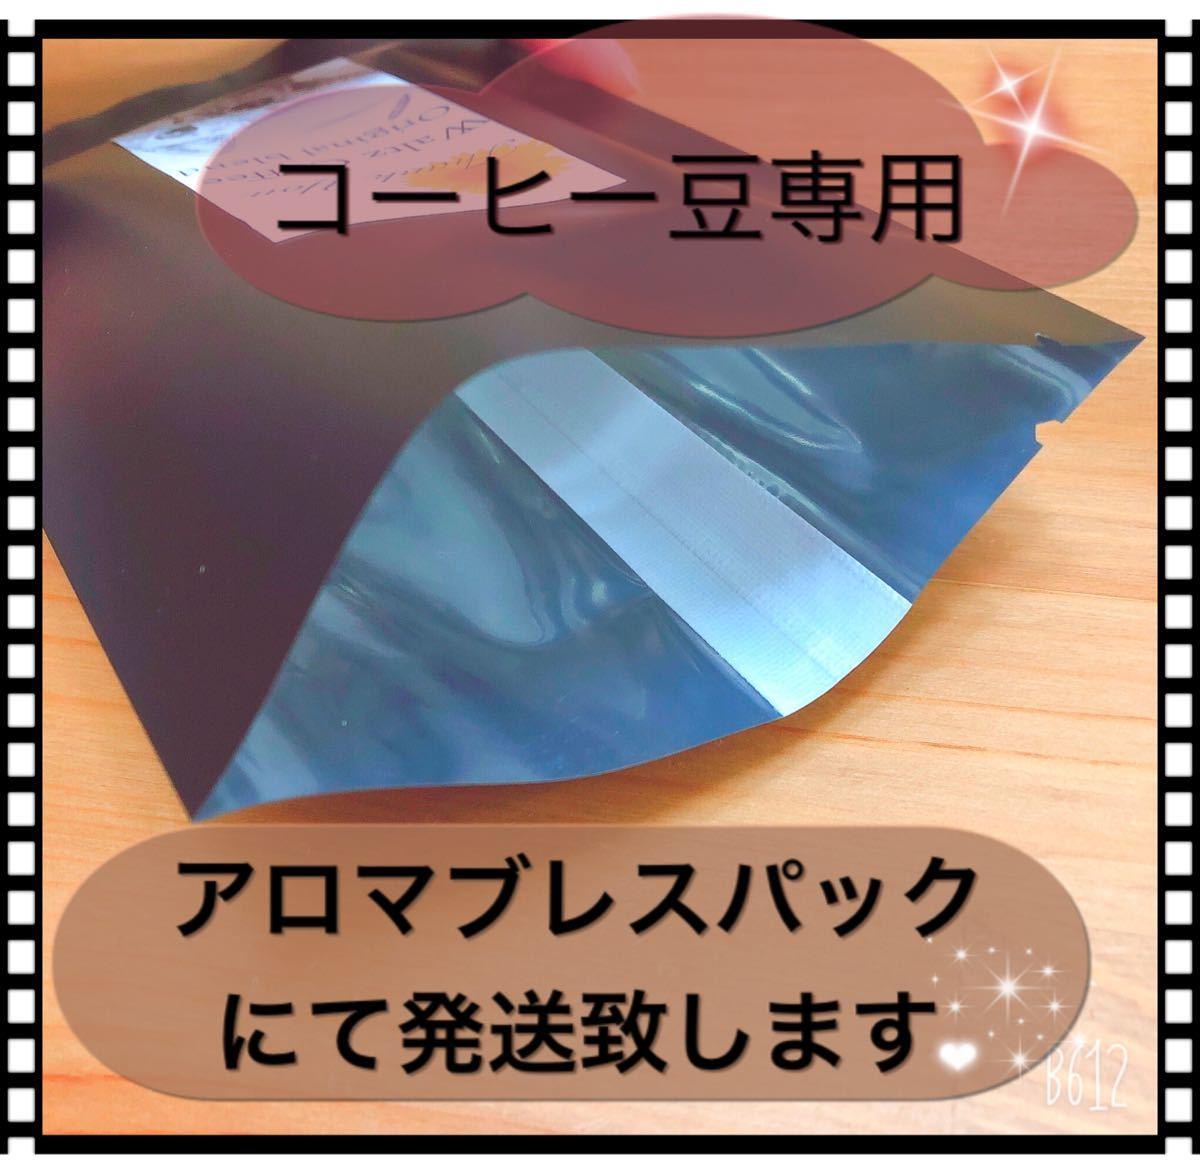 自家焙煎珈琲★オリジナルブレンド200g×2袋(400g)  アイスコーヒー 珈琲 コーヒー豆